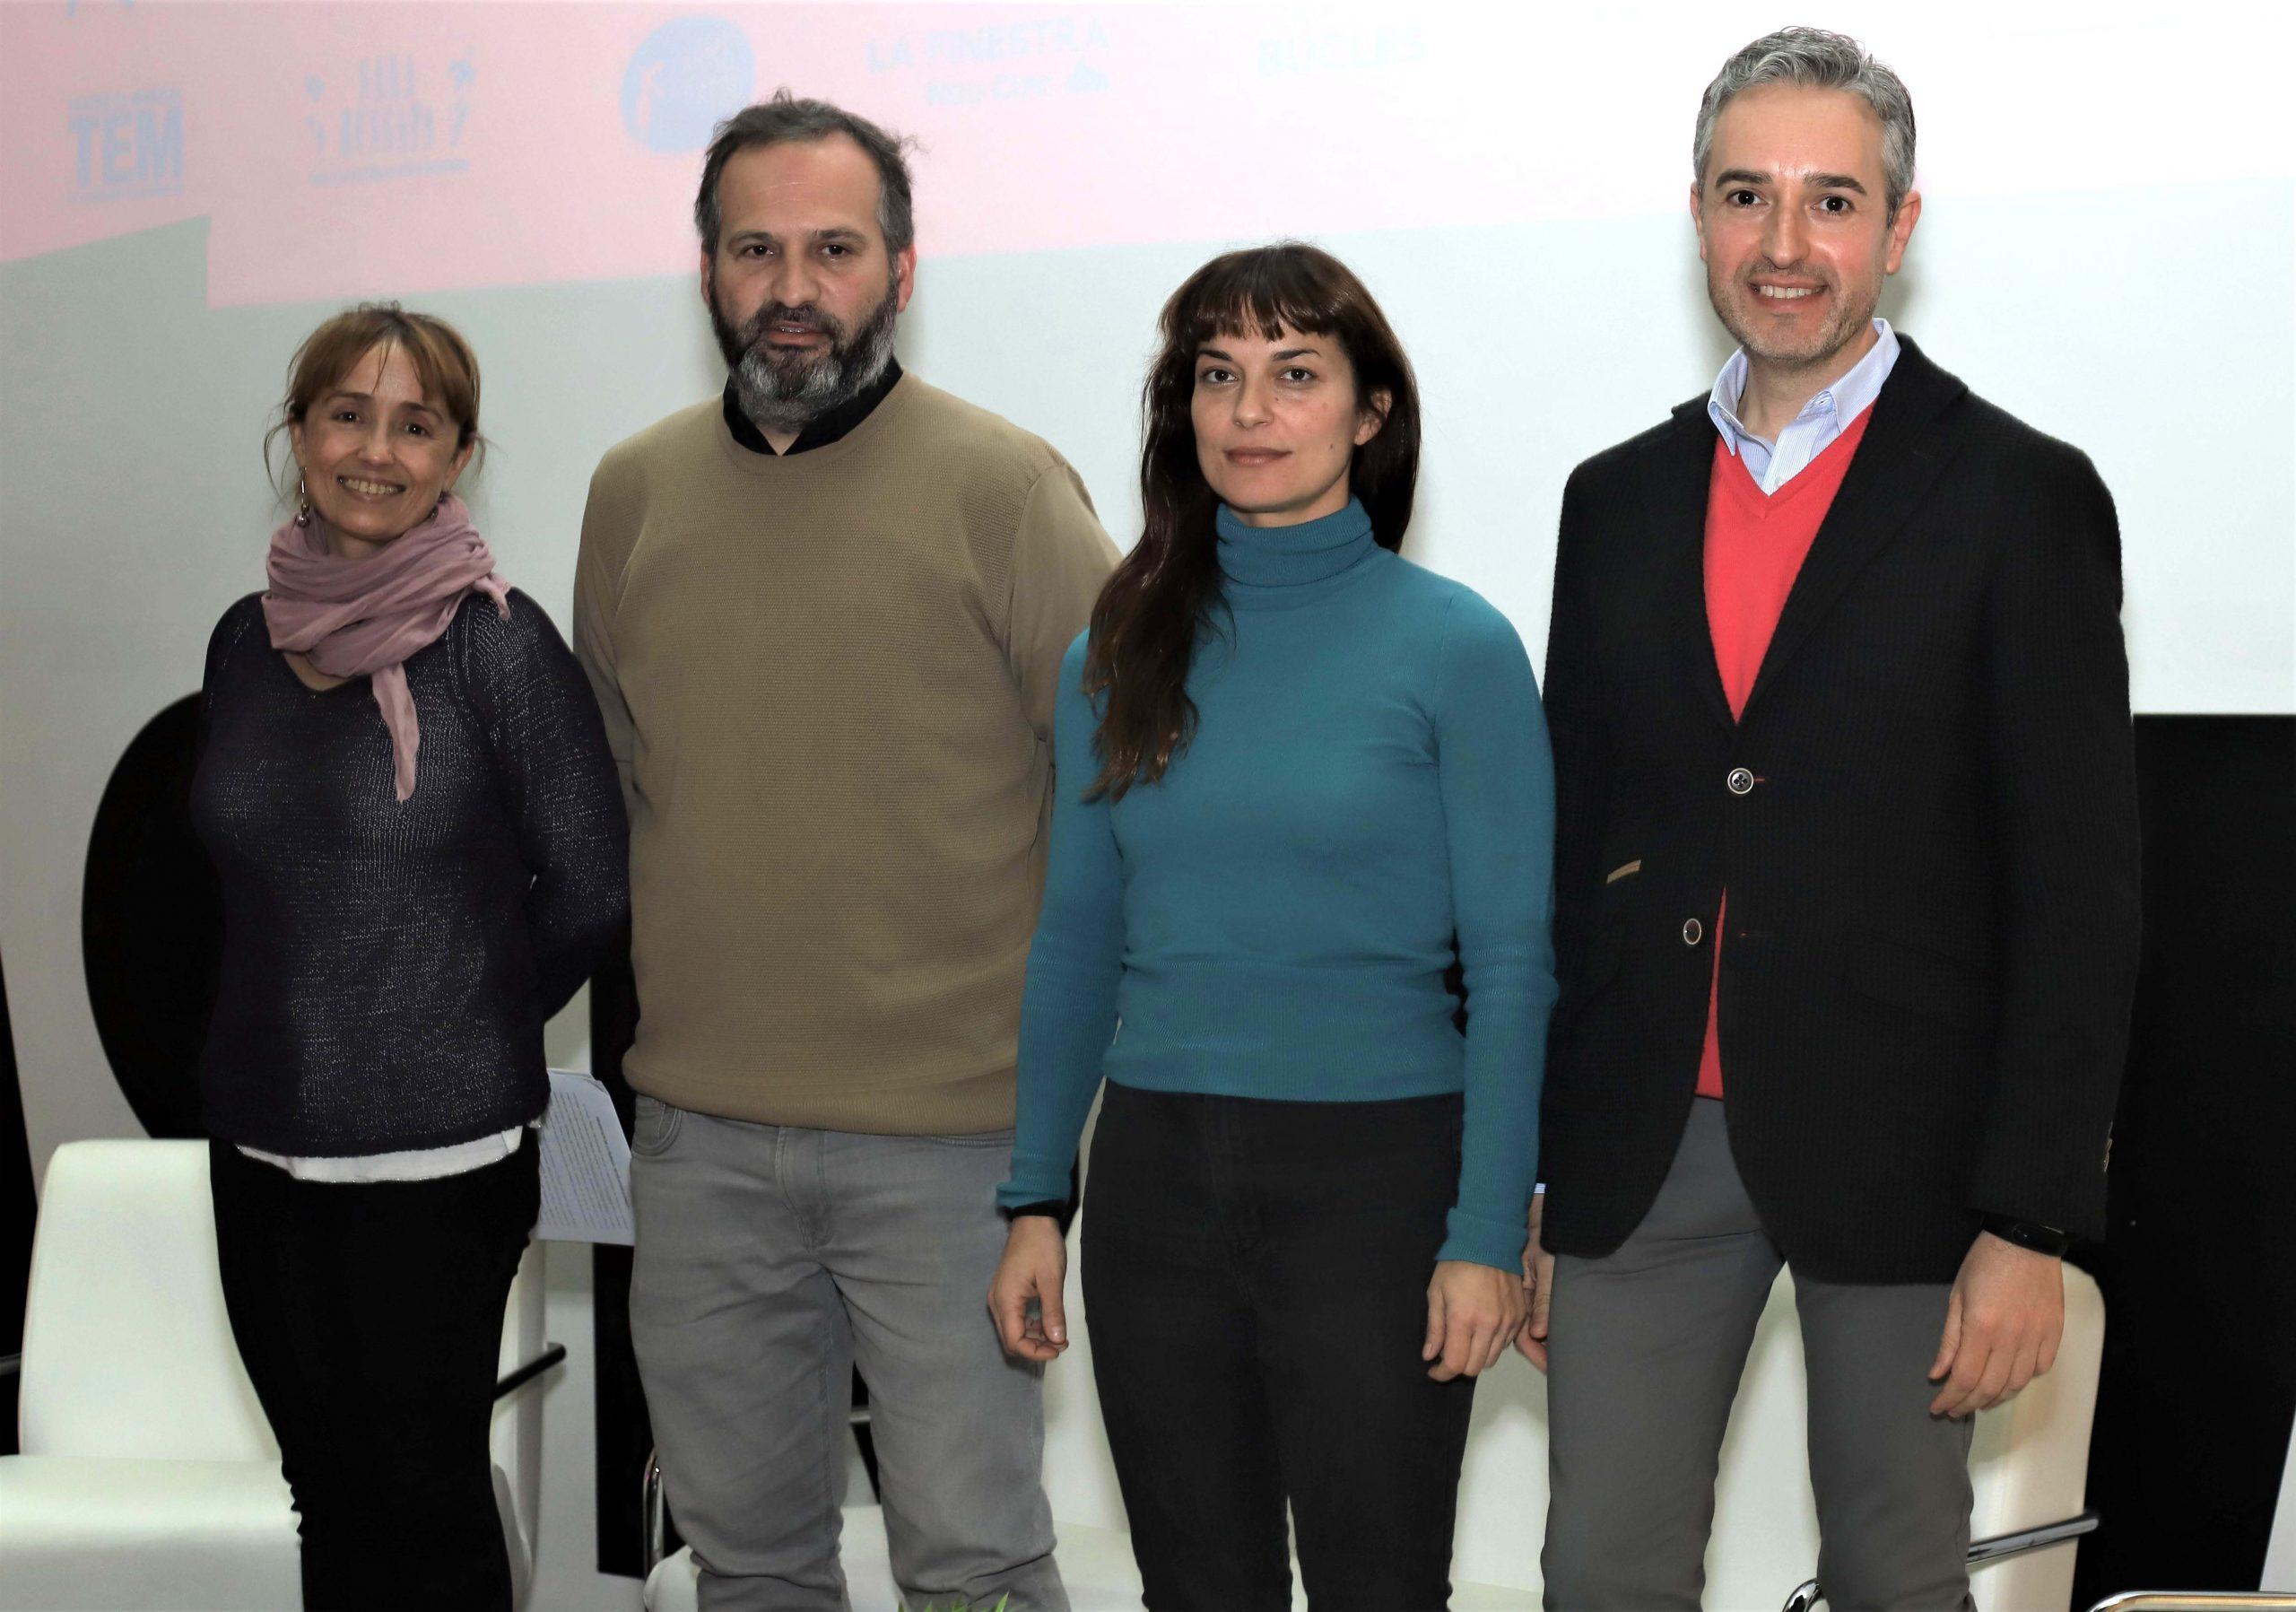 Graners de Creació genera noves oportunitats per als artistes d'arts escèniques amb el suport del programa 'Cultura Resident' de la Generalitat